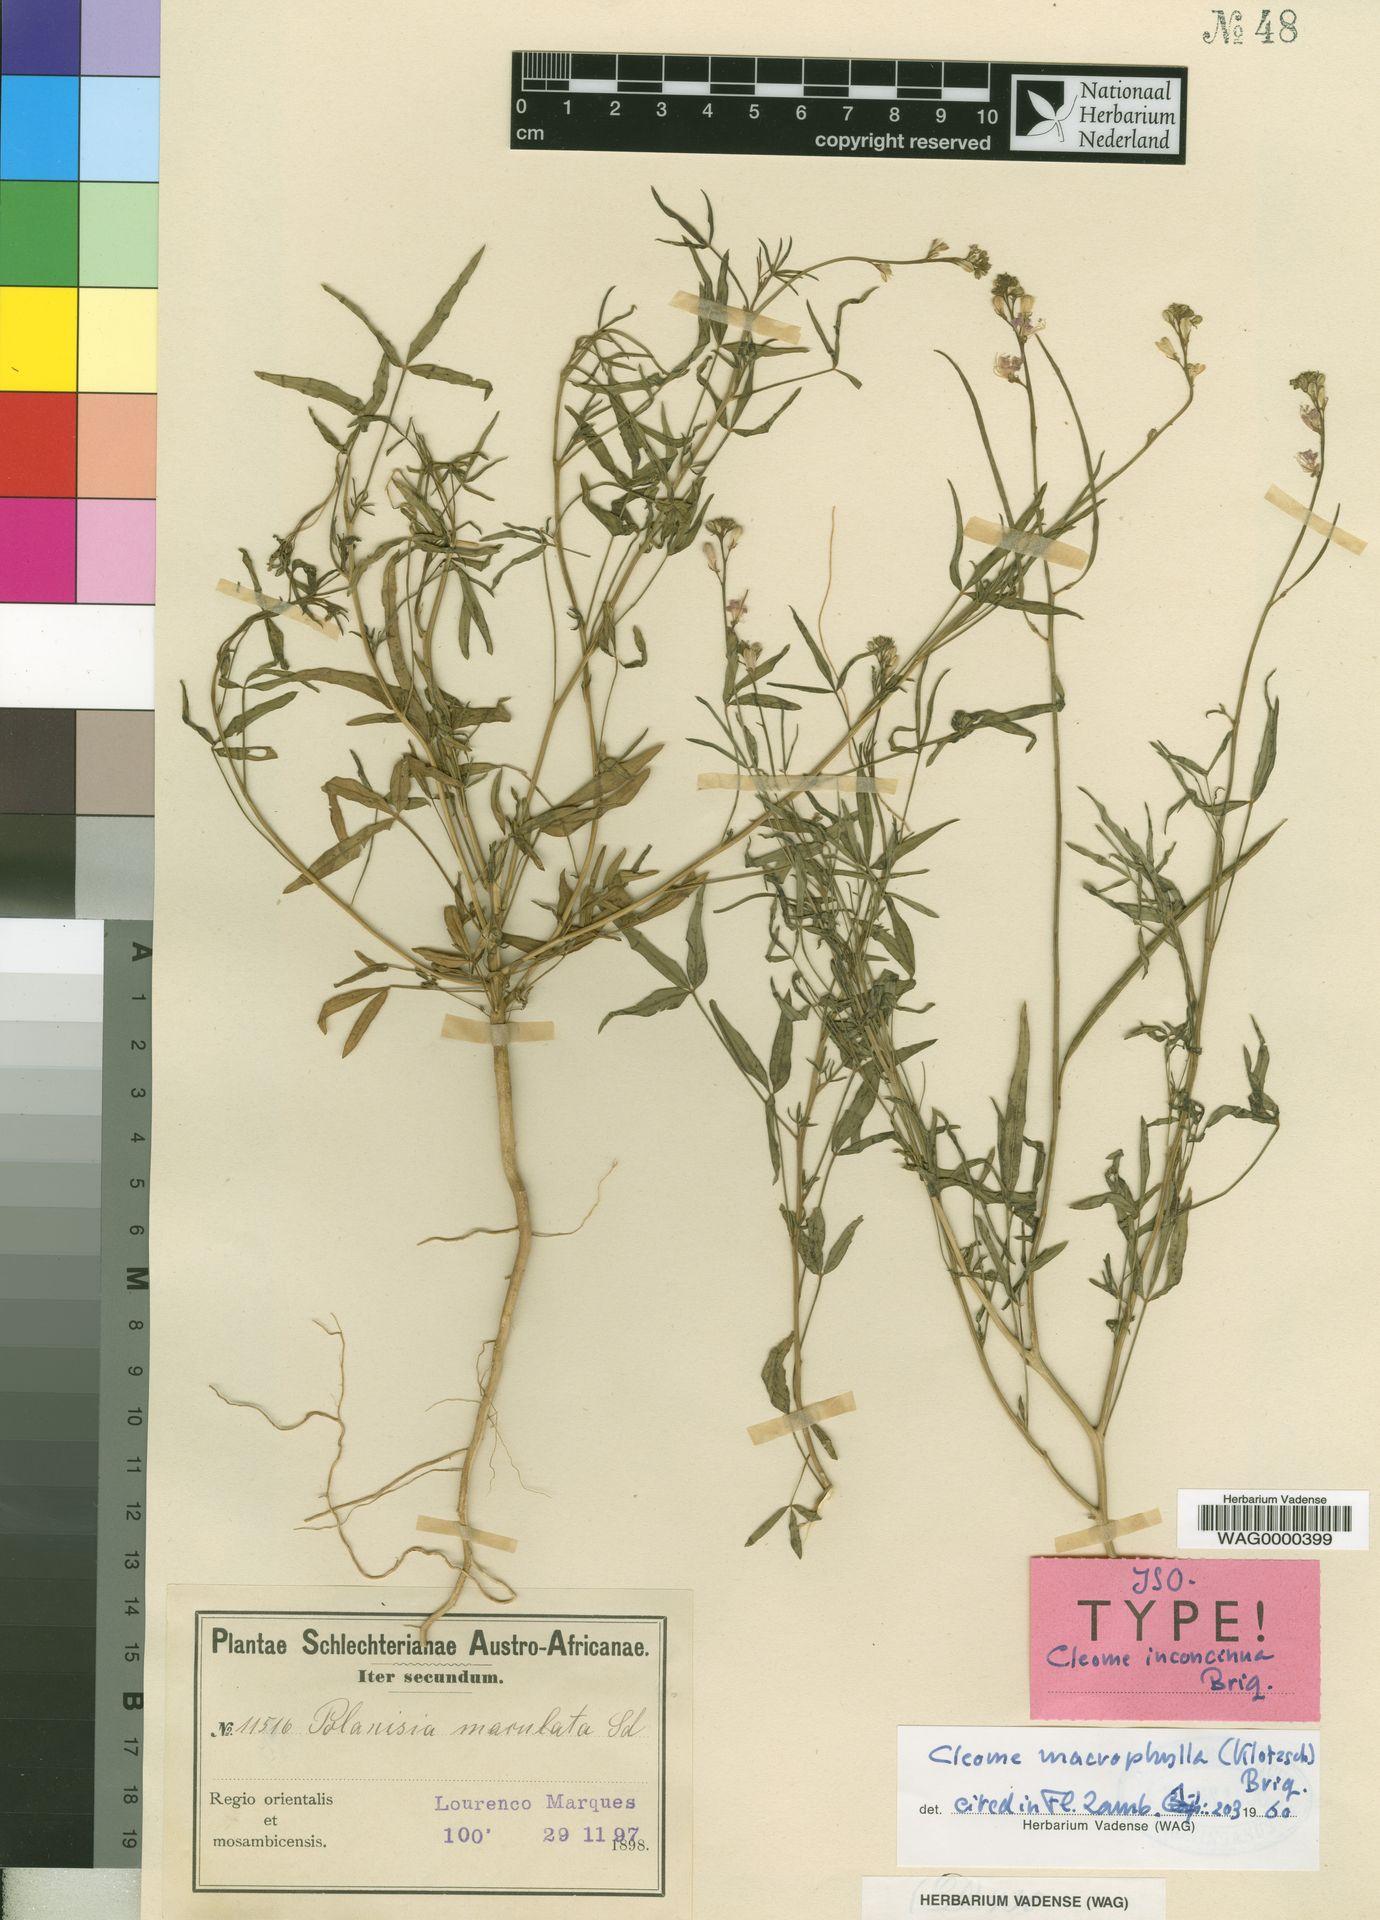 WAG0000399   Cleome maculata (Sond.) Szyszyl.